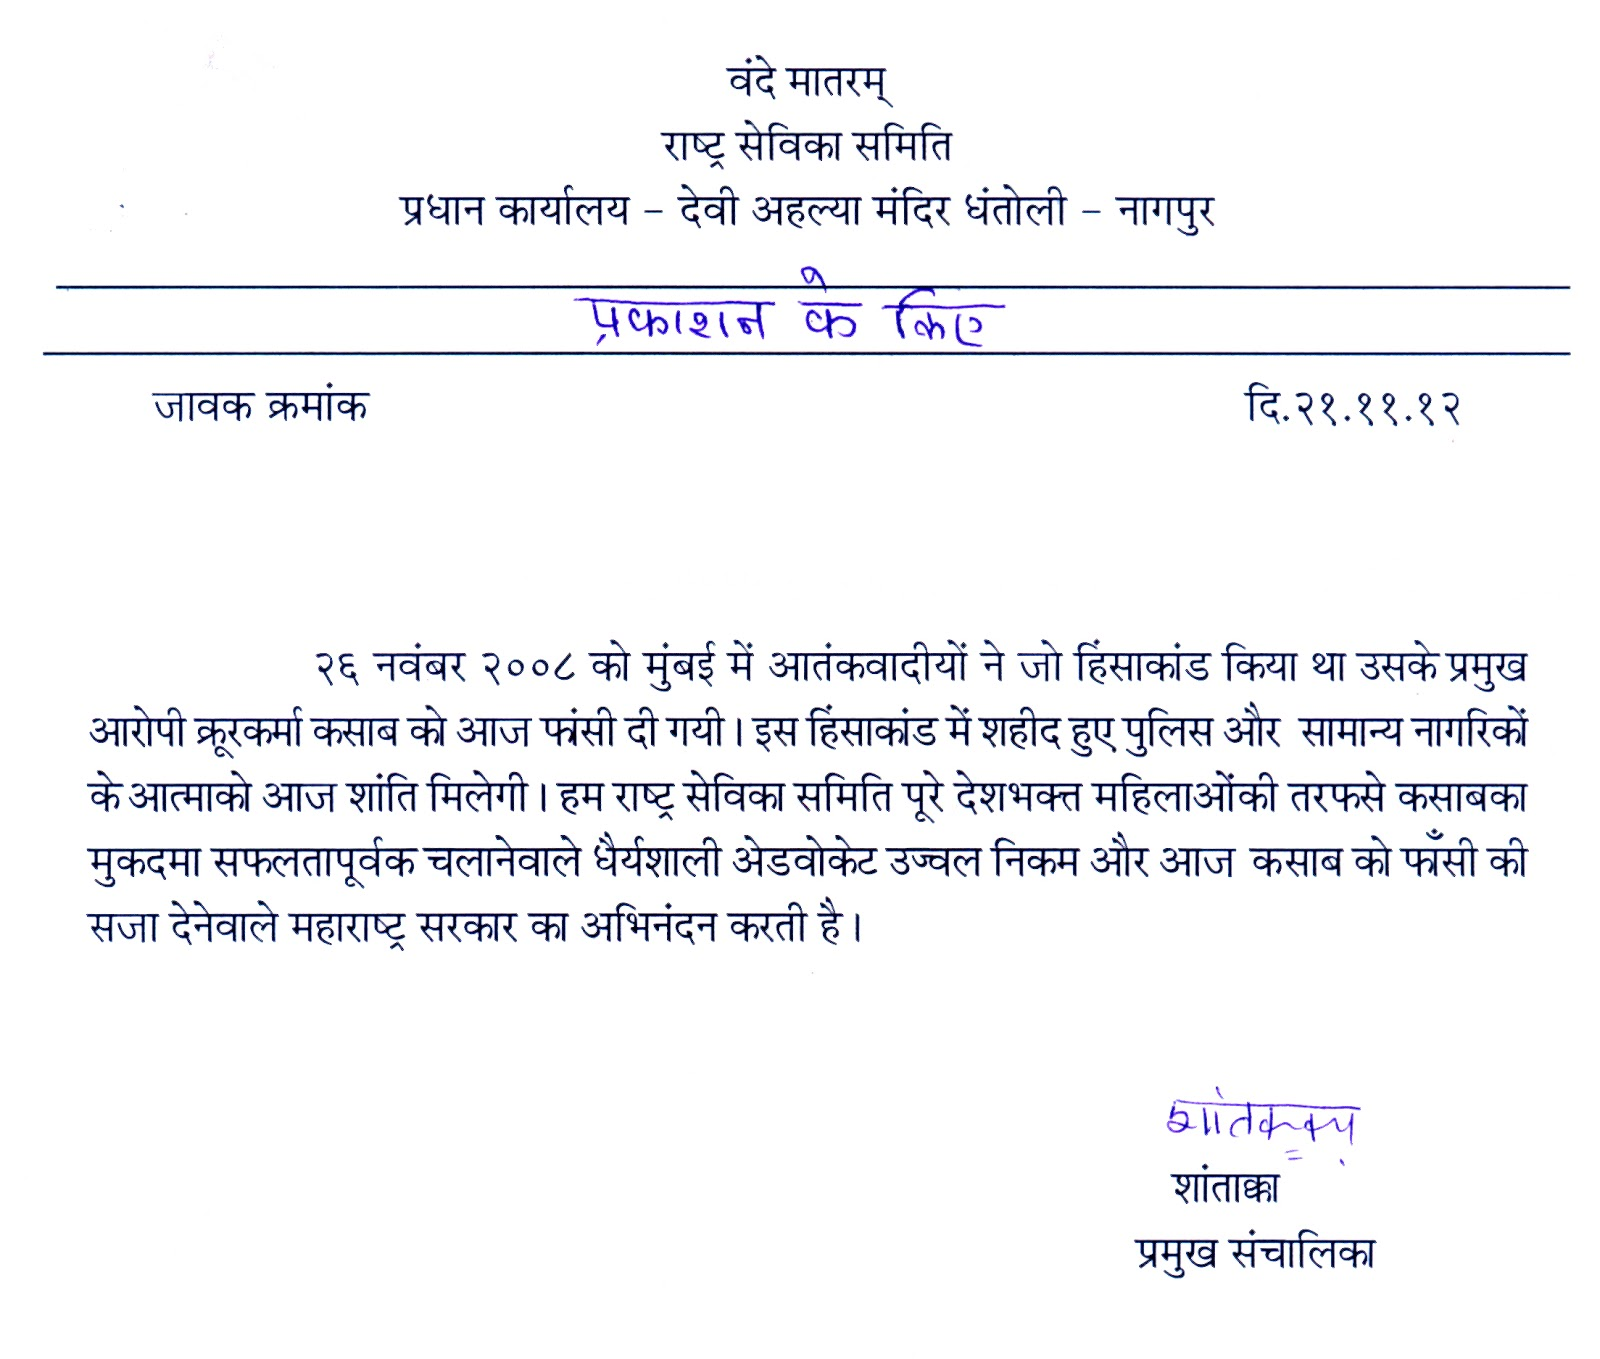 Statement from Rashtra Sevika Samiti on Ajmal Kasab hanged